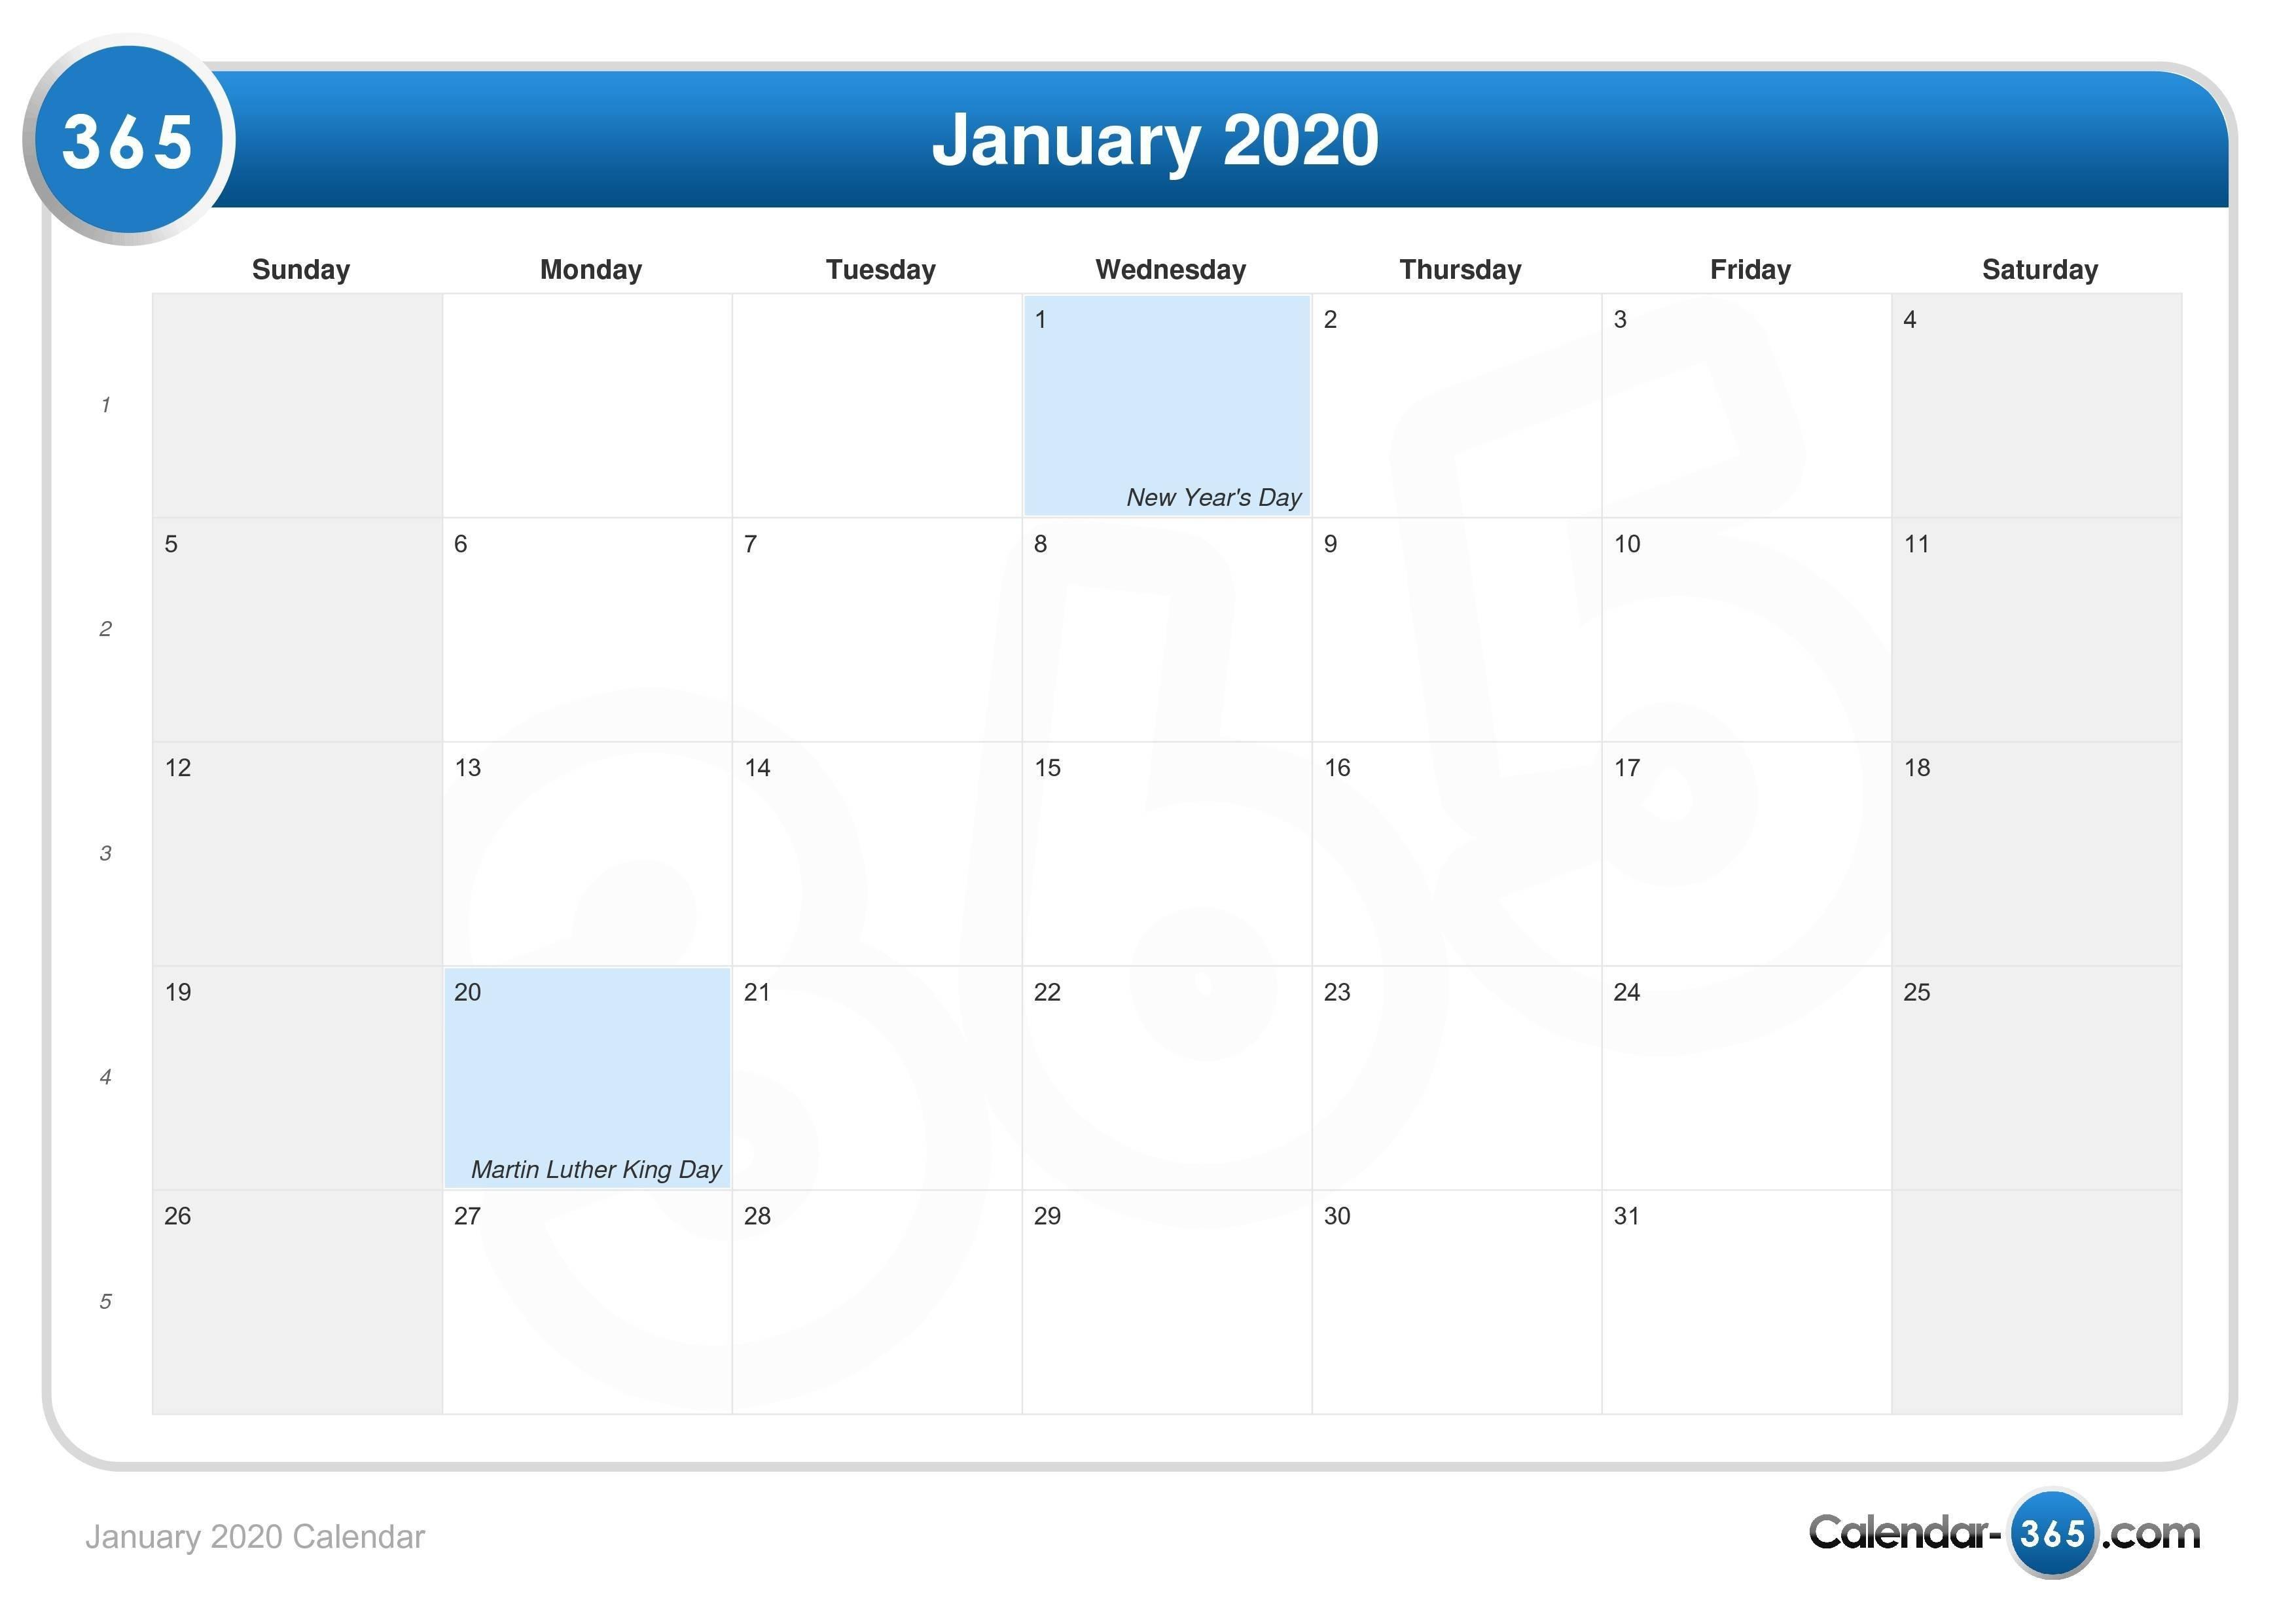 January 2020 Calendar-January 2020 Calendar Full Moon